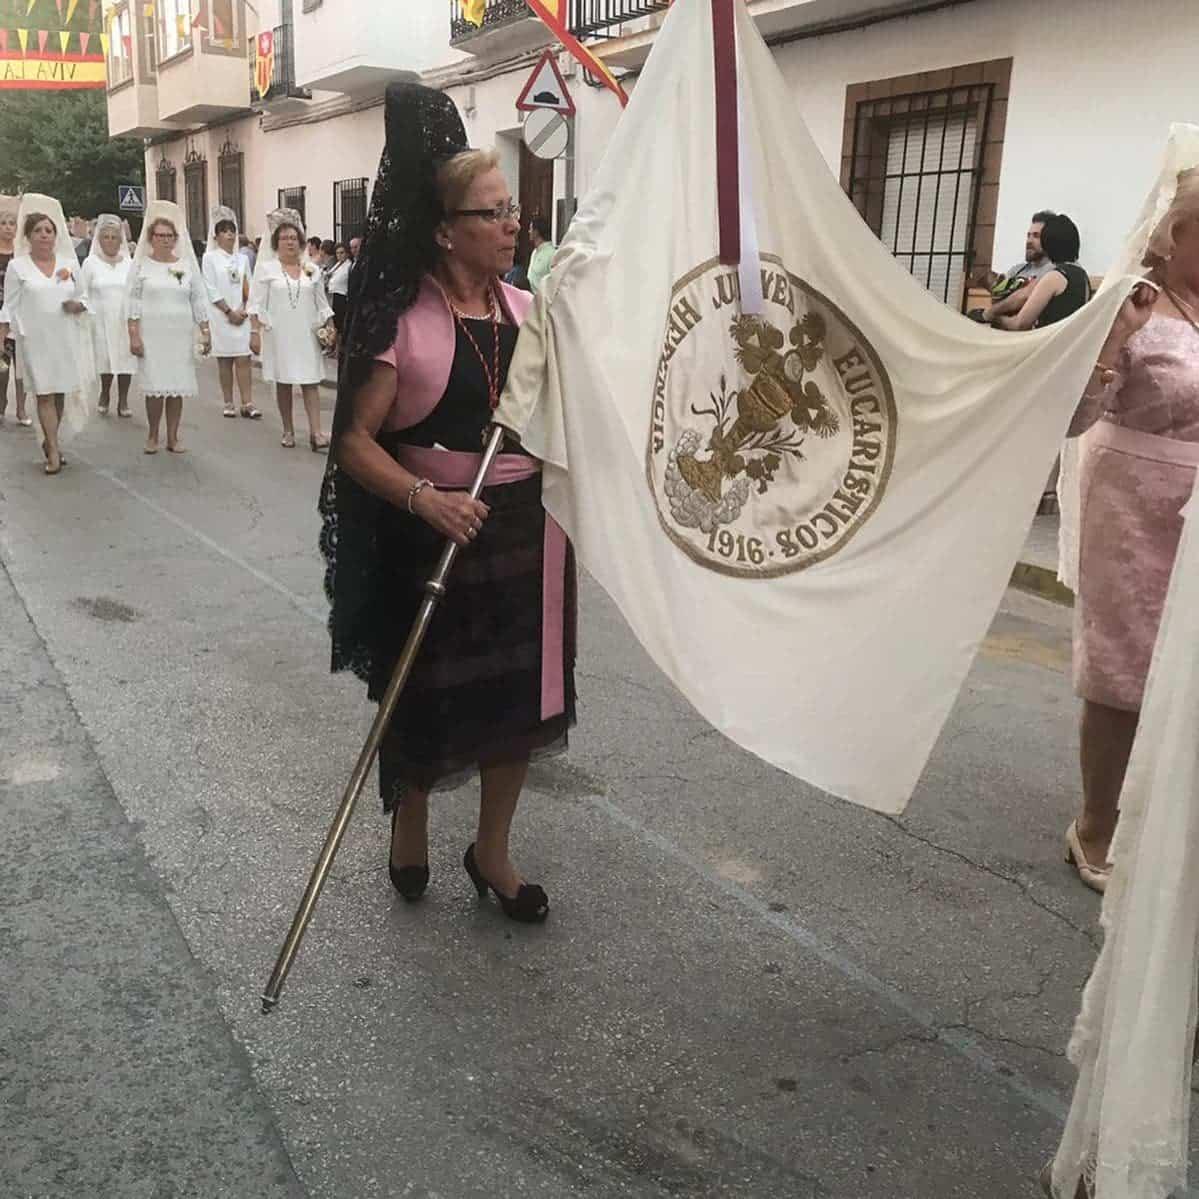 magna procesion feria fiestas 2019 herencia 6 - Magna procesión de nuestra Santísima Madre cierra la Feria y Fiestas herenciana